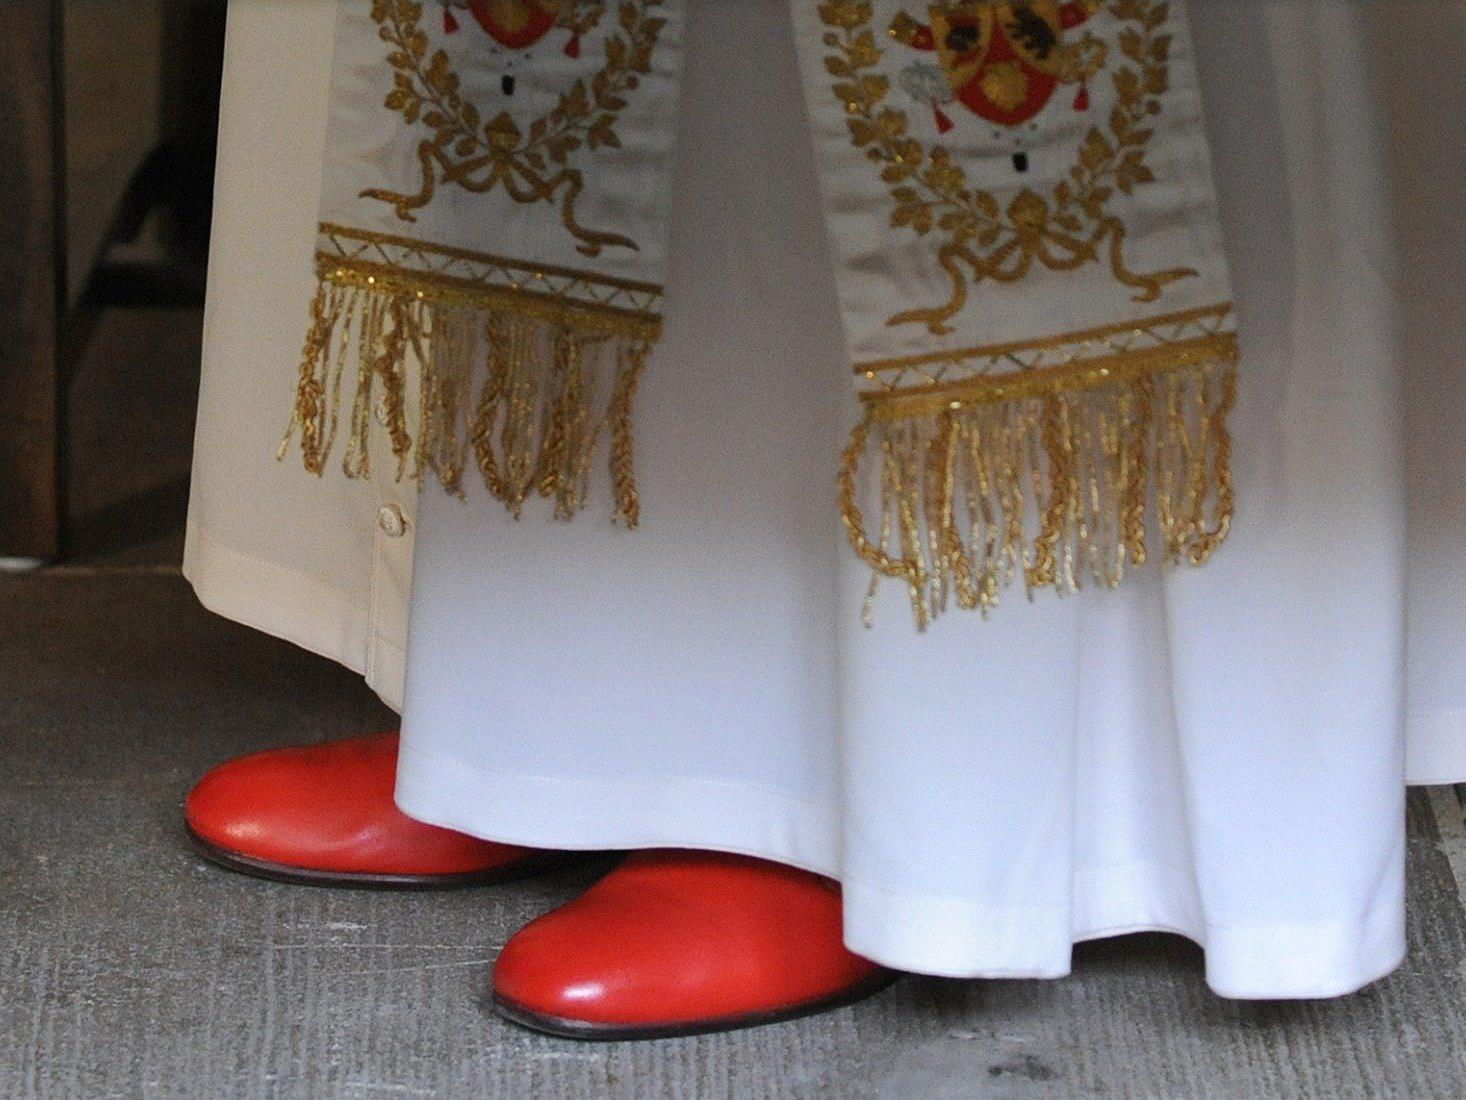 Oberhaupt der römisch-katholischen Weltkirche mit 1,2 Milliarden Gläubigen.